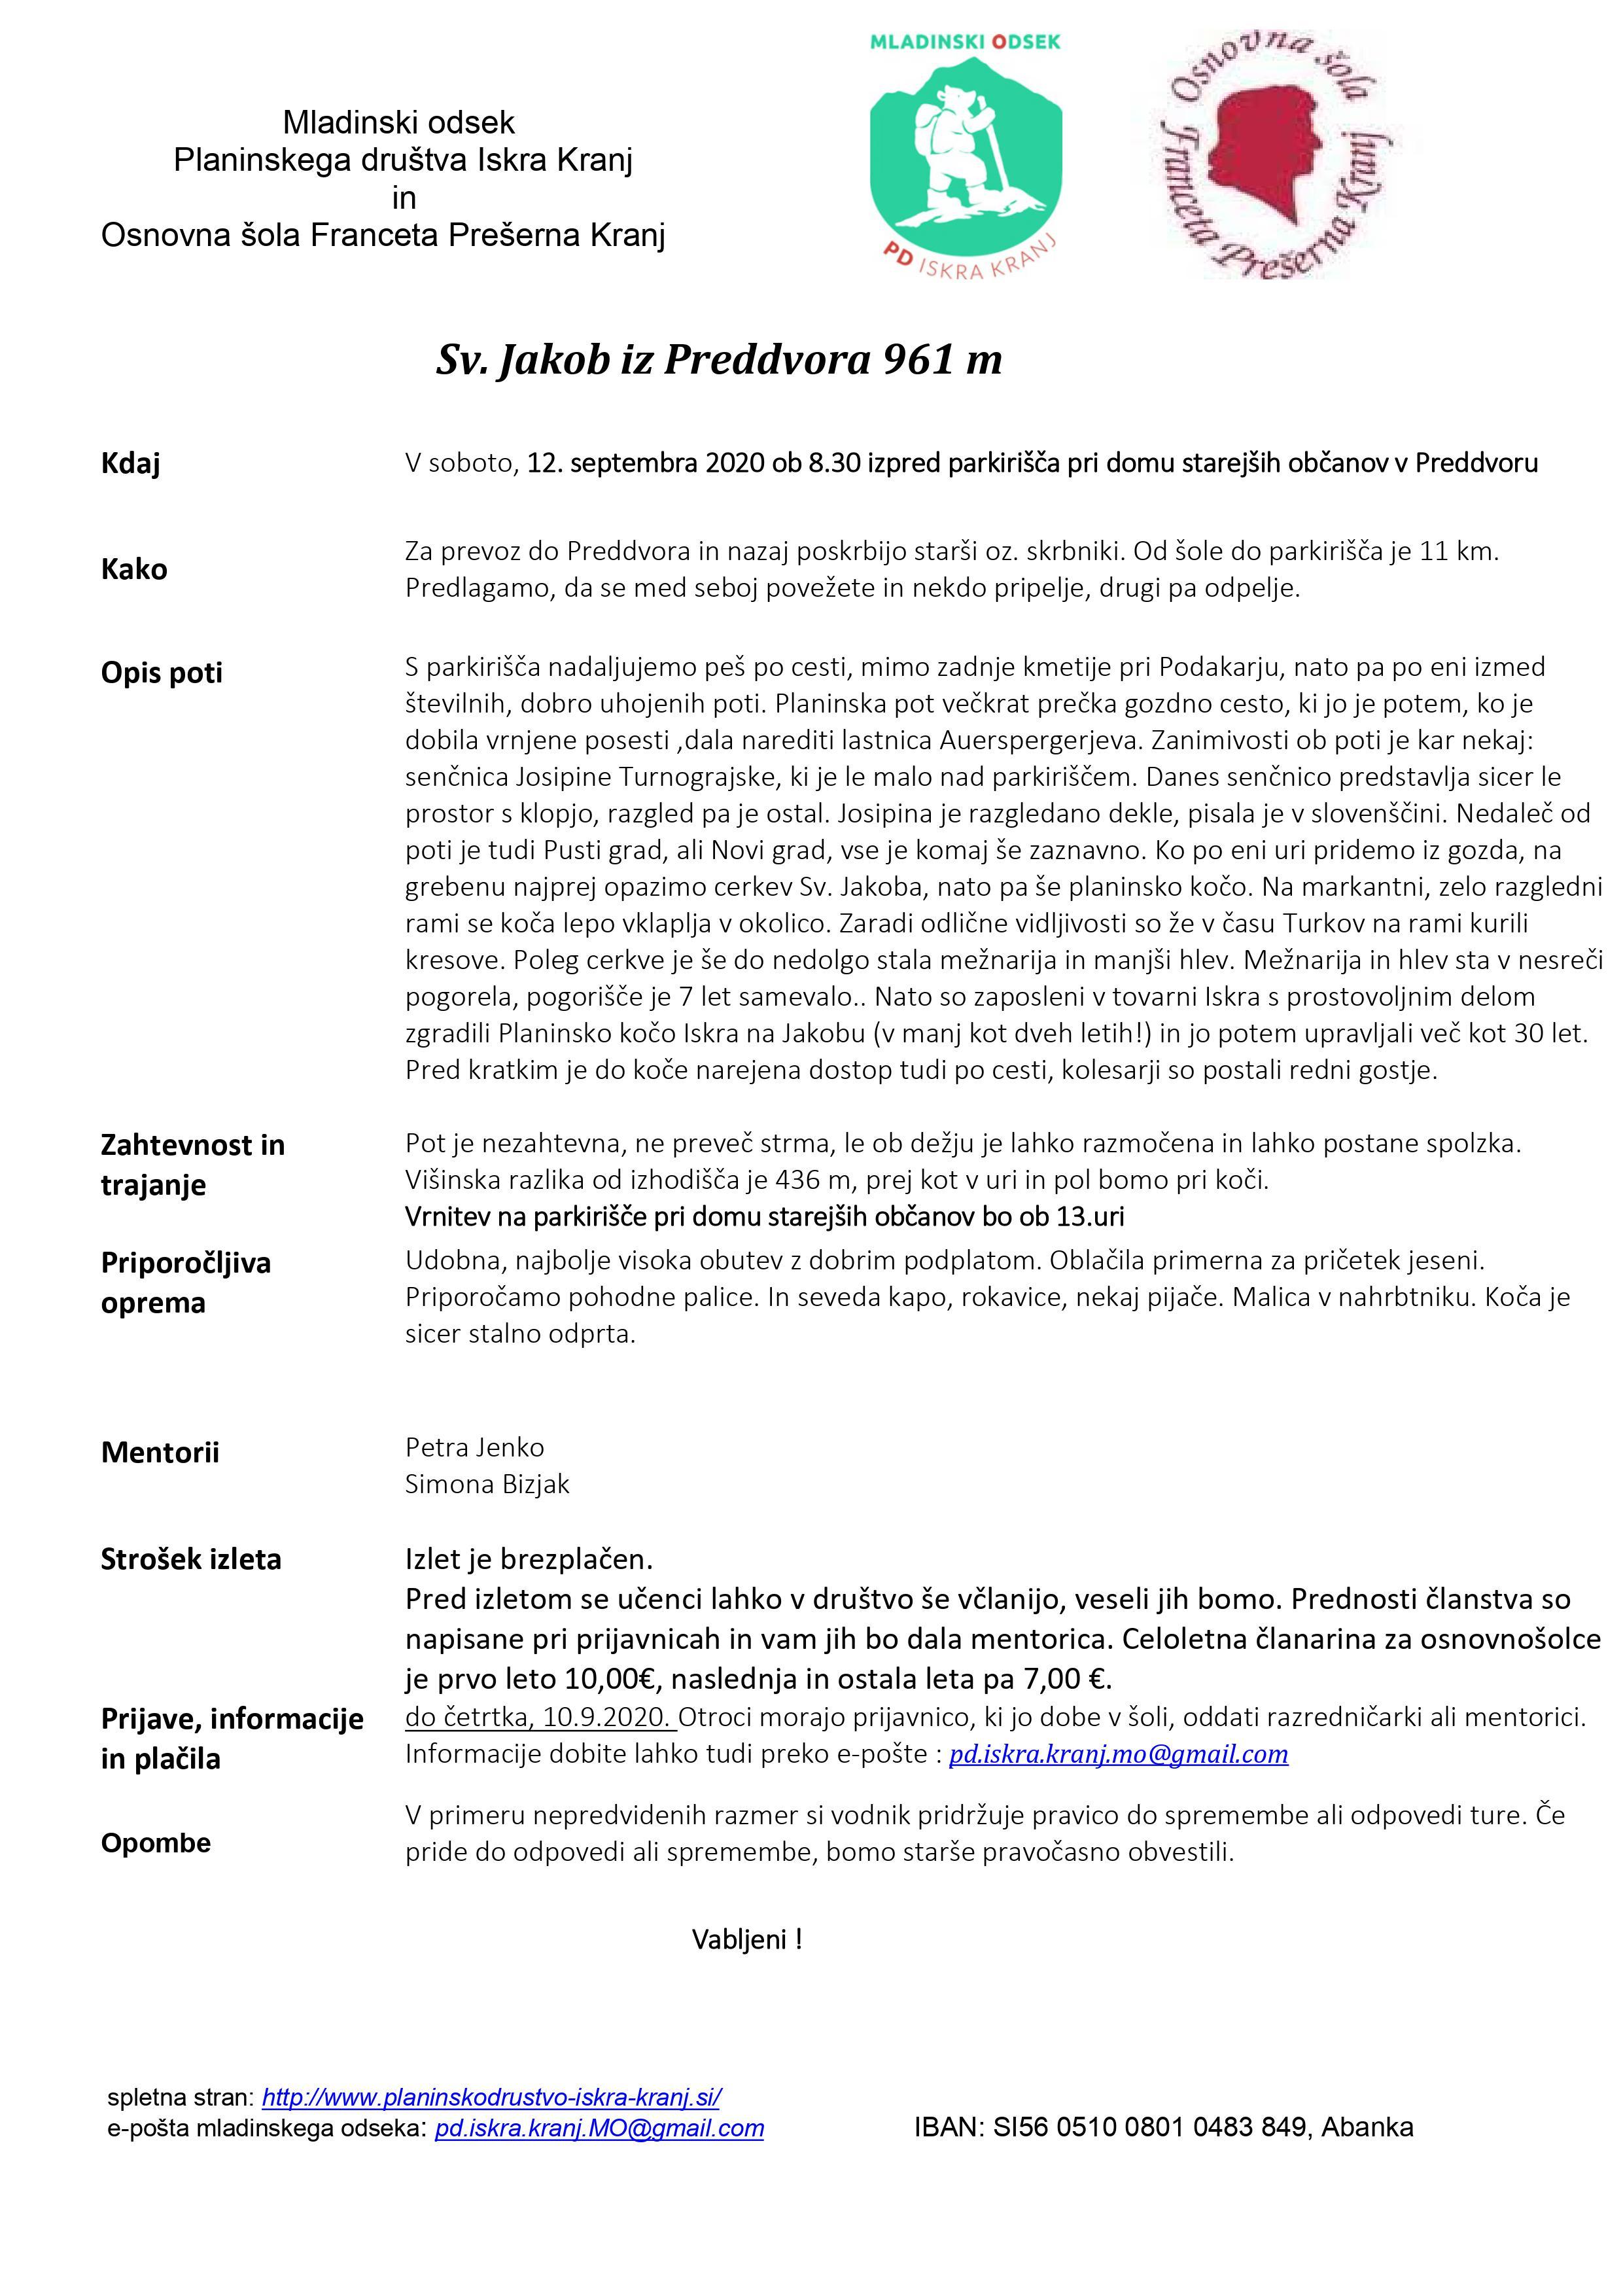 sv_jakob